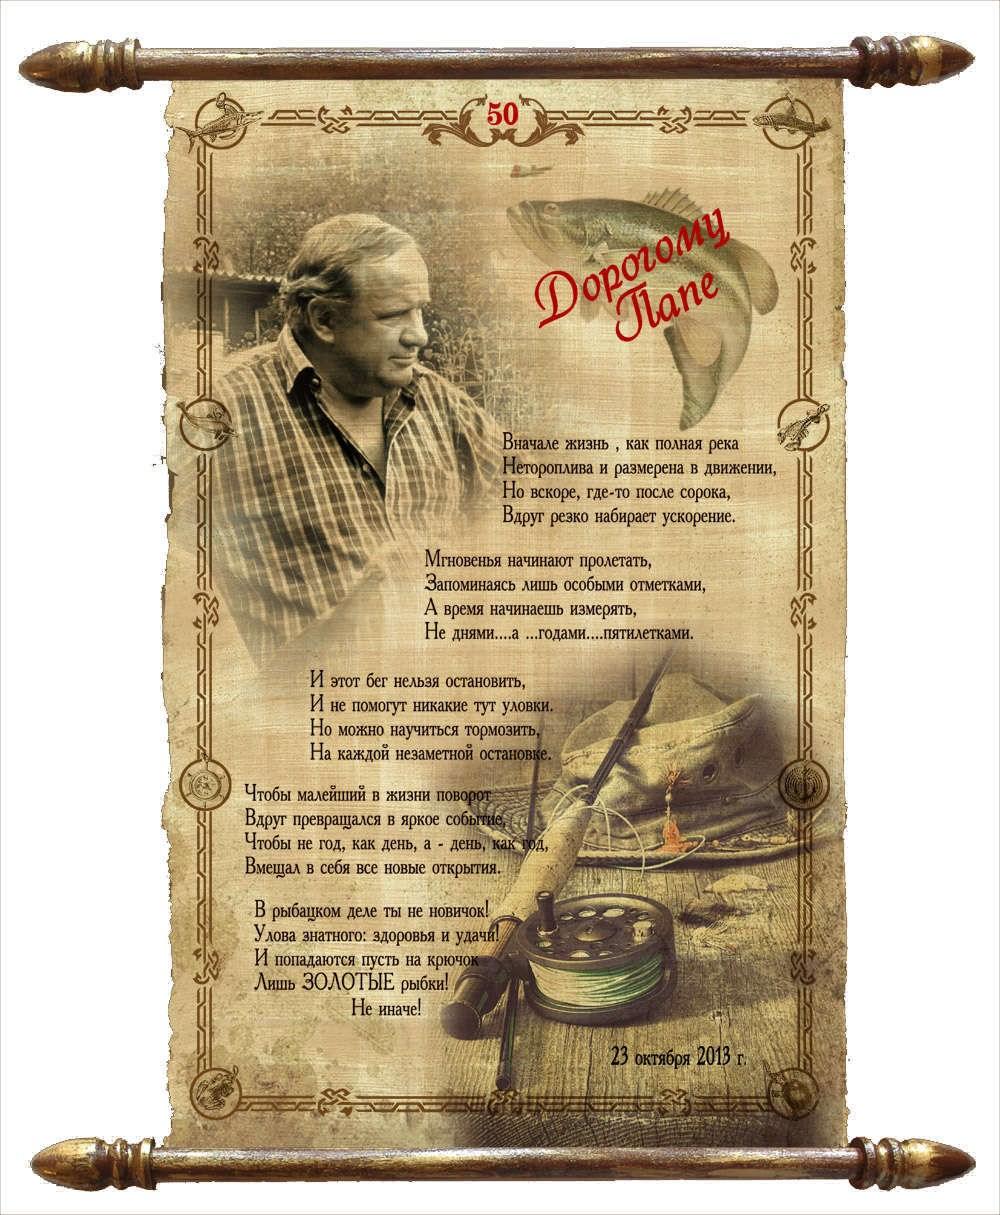 Поздравления на 60 лет мужчине рыбаку